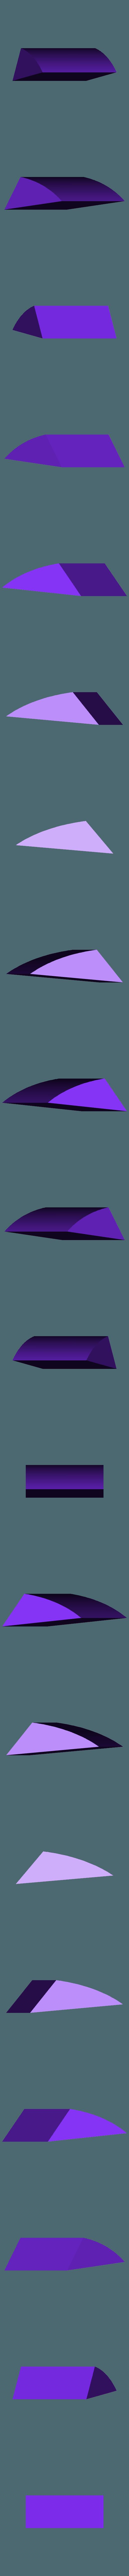 1908-01 Part06.stl Télécharger fichier STL gratuit Jouet à cueillir les poulets • Modèle à imprimer en 3D, EL3D